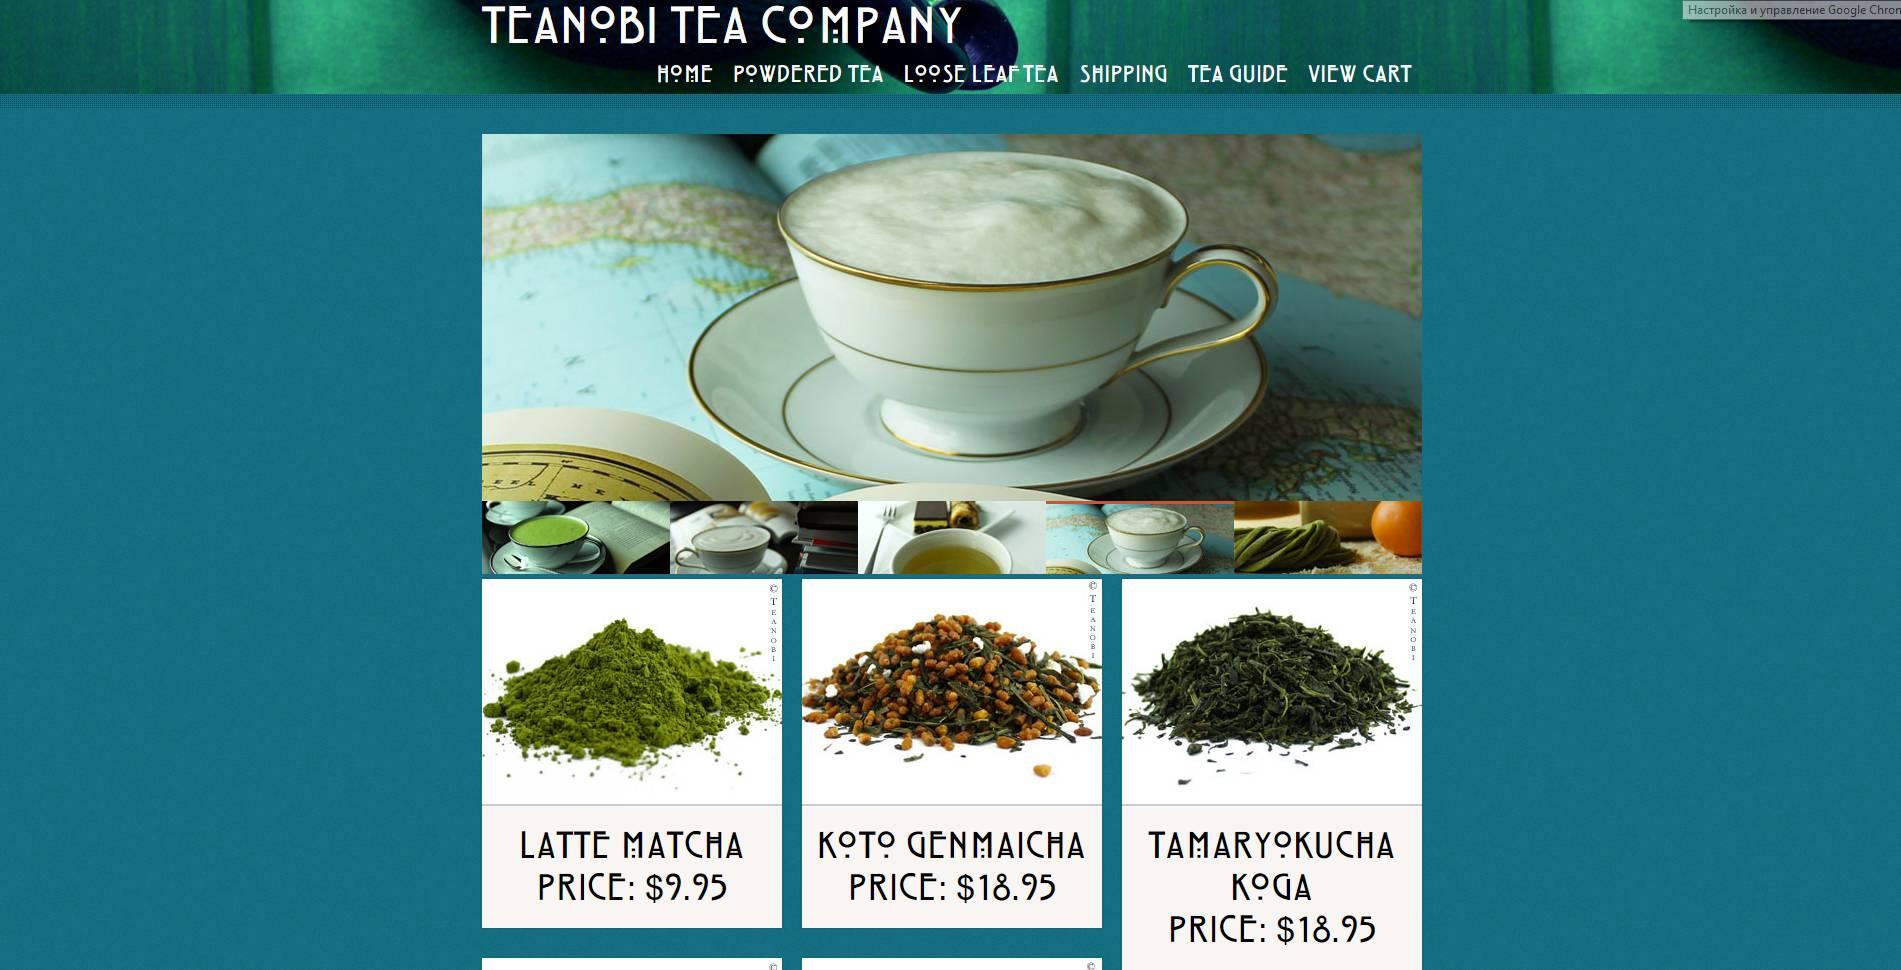 Teanobi